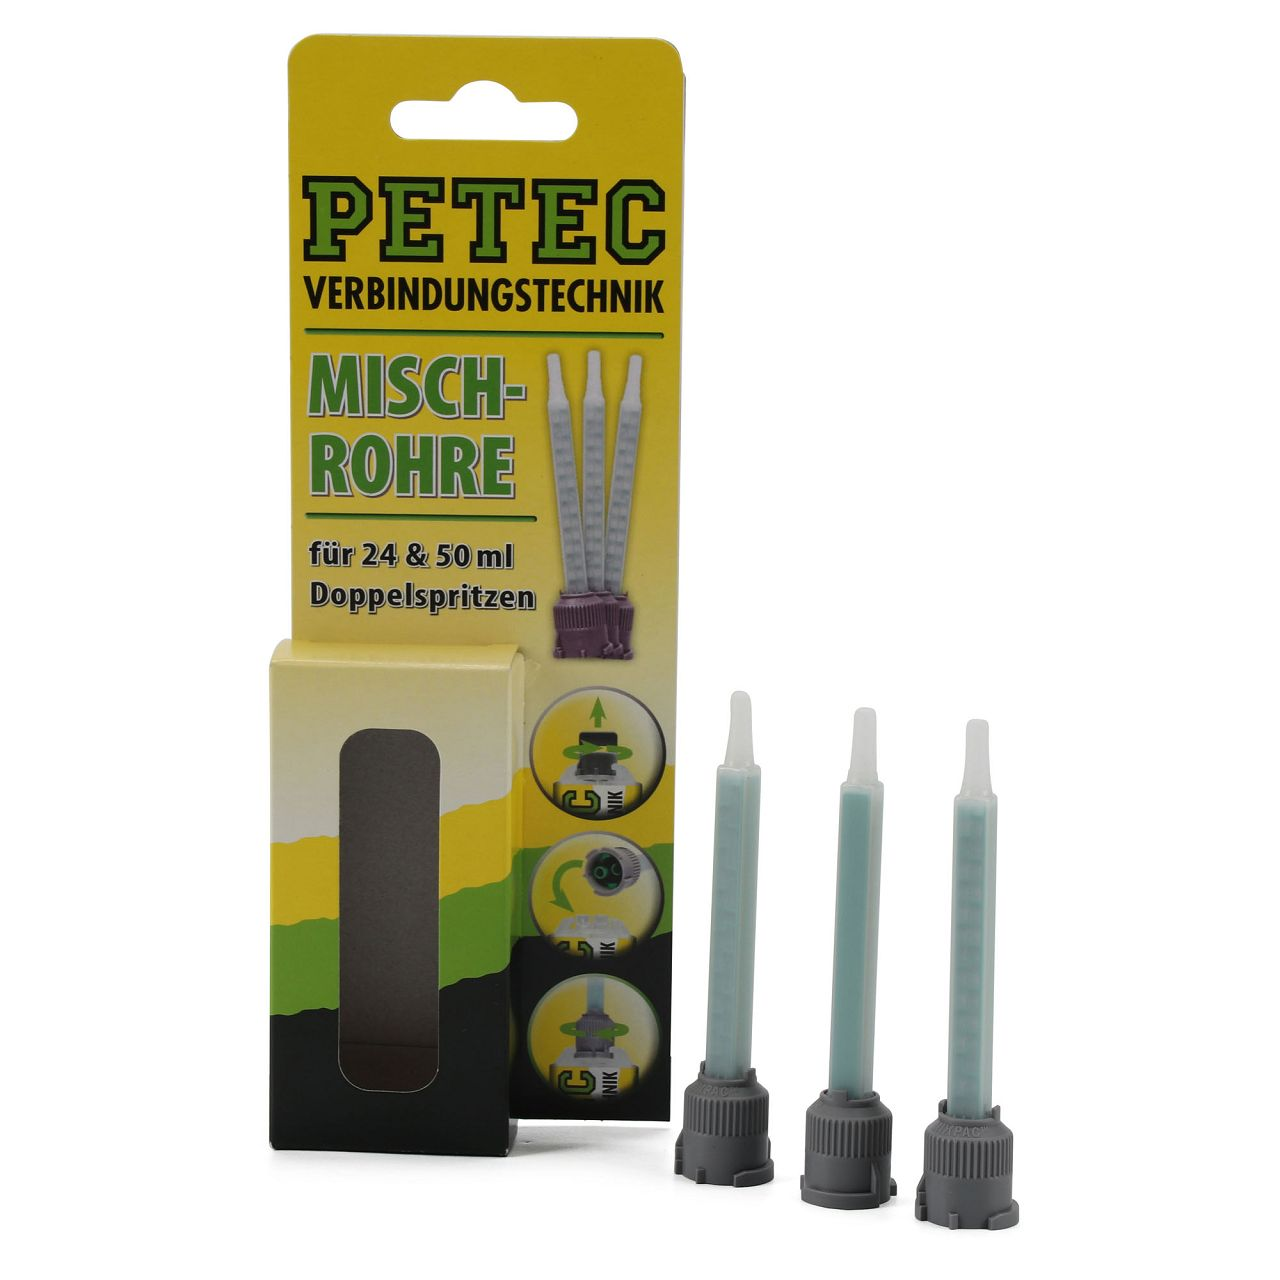 PETEC 98603 Mischrohre Statikmischrohre für 24 + 50ml Gebinde 3 Stück